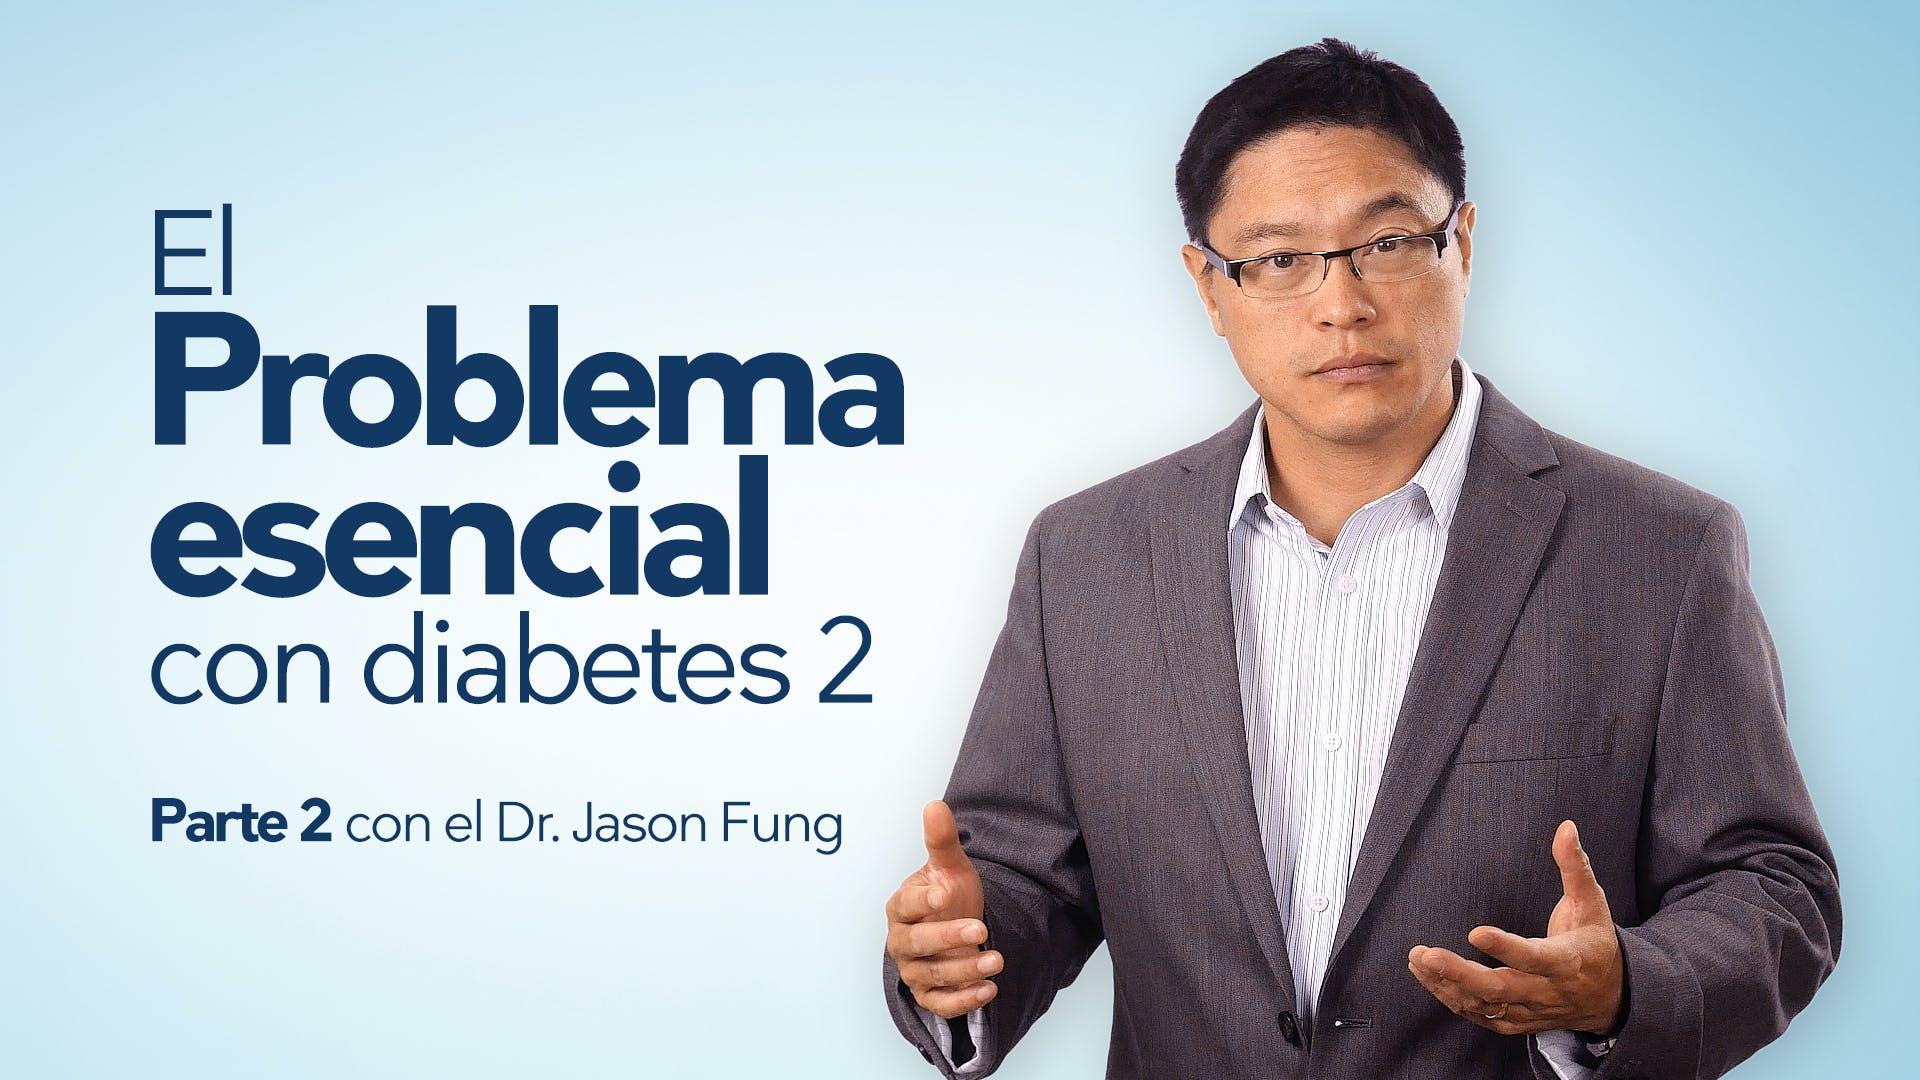 El problema esencial con la diabetes de tipo 2